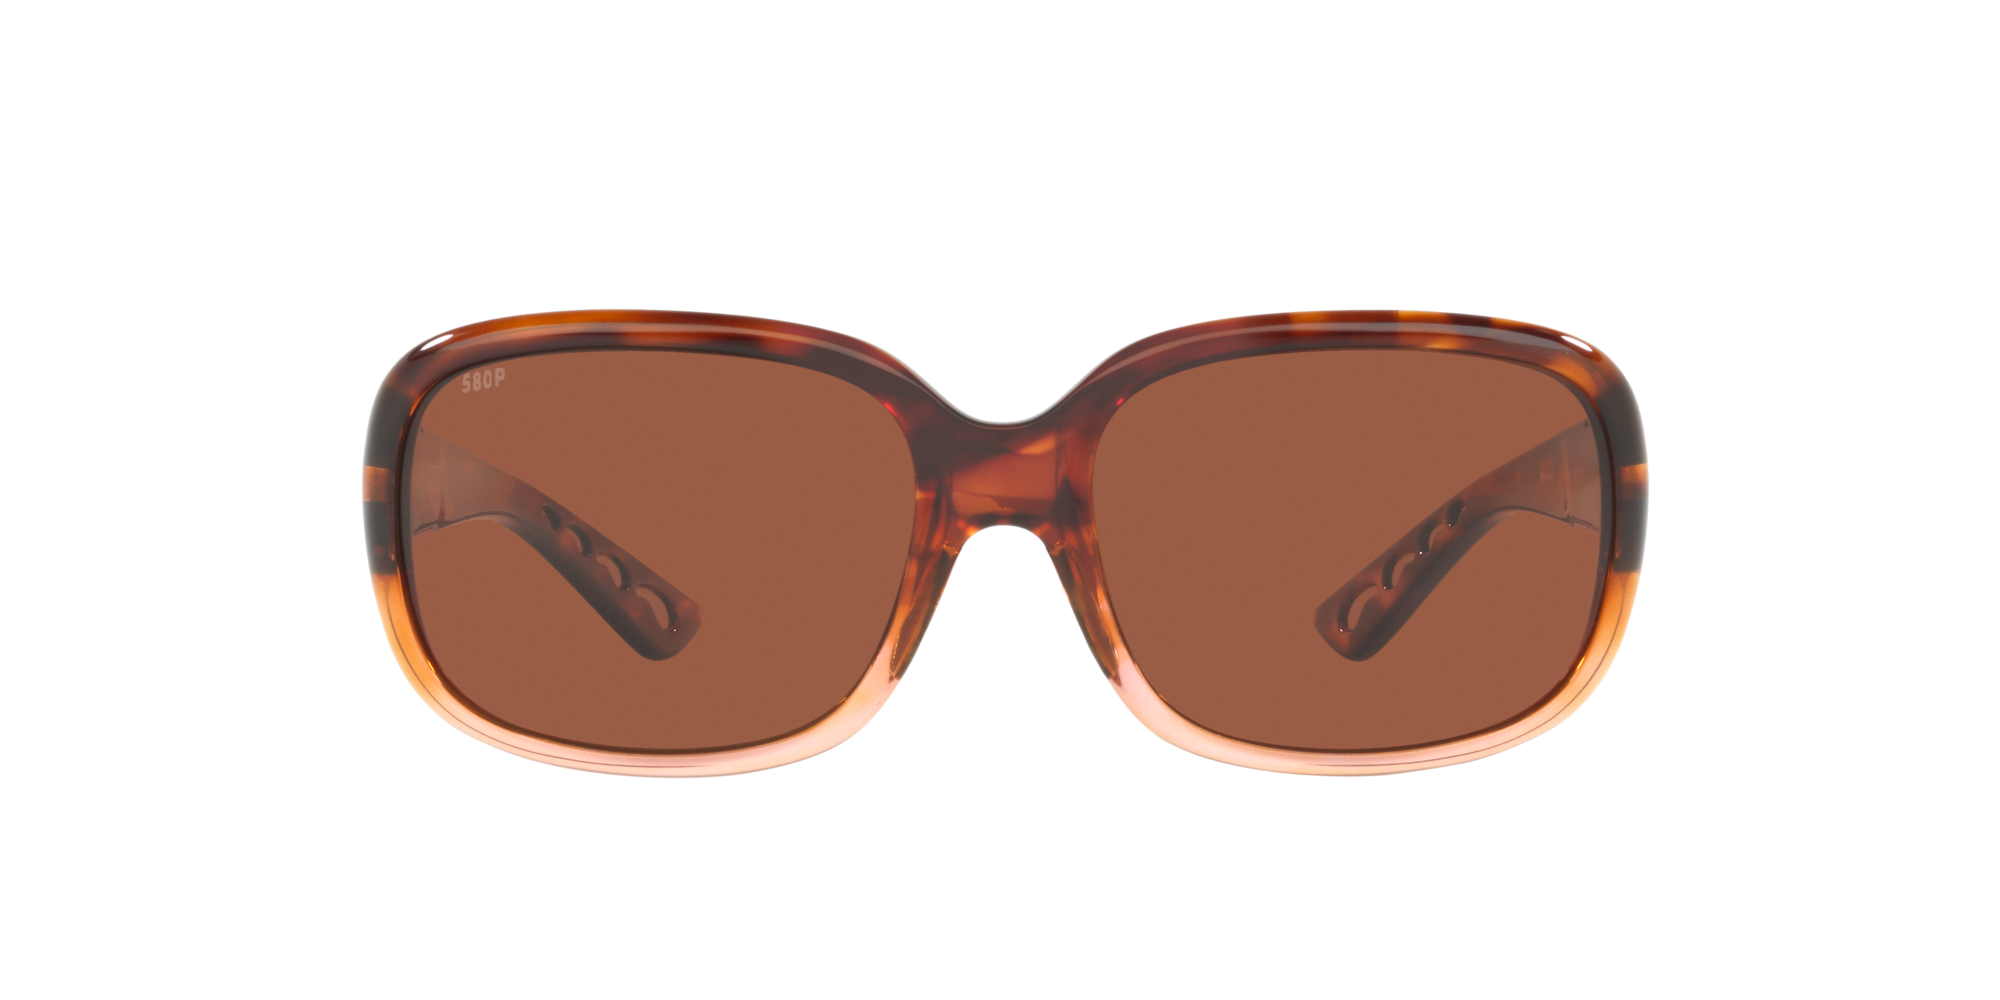 Imagen para GANNET 58 de LensCrafters |  Espejuelos, espejuelos graduados en línea, gafas